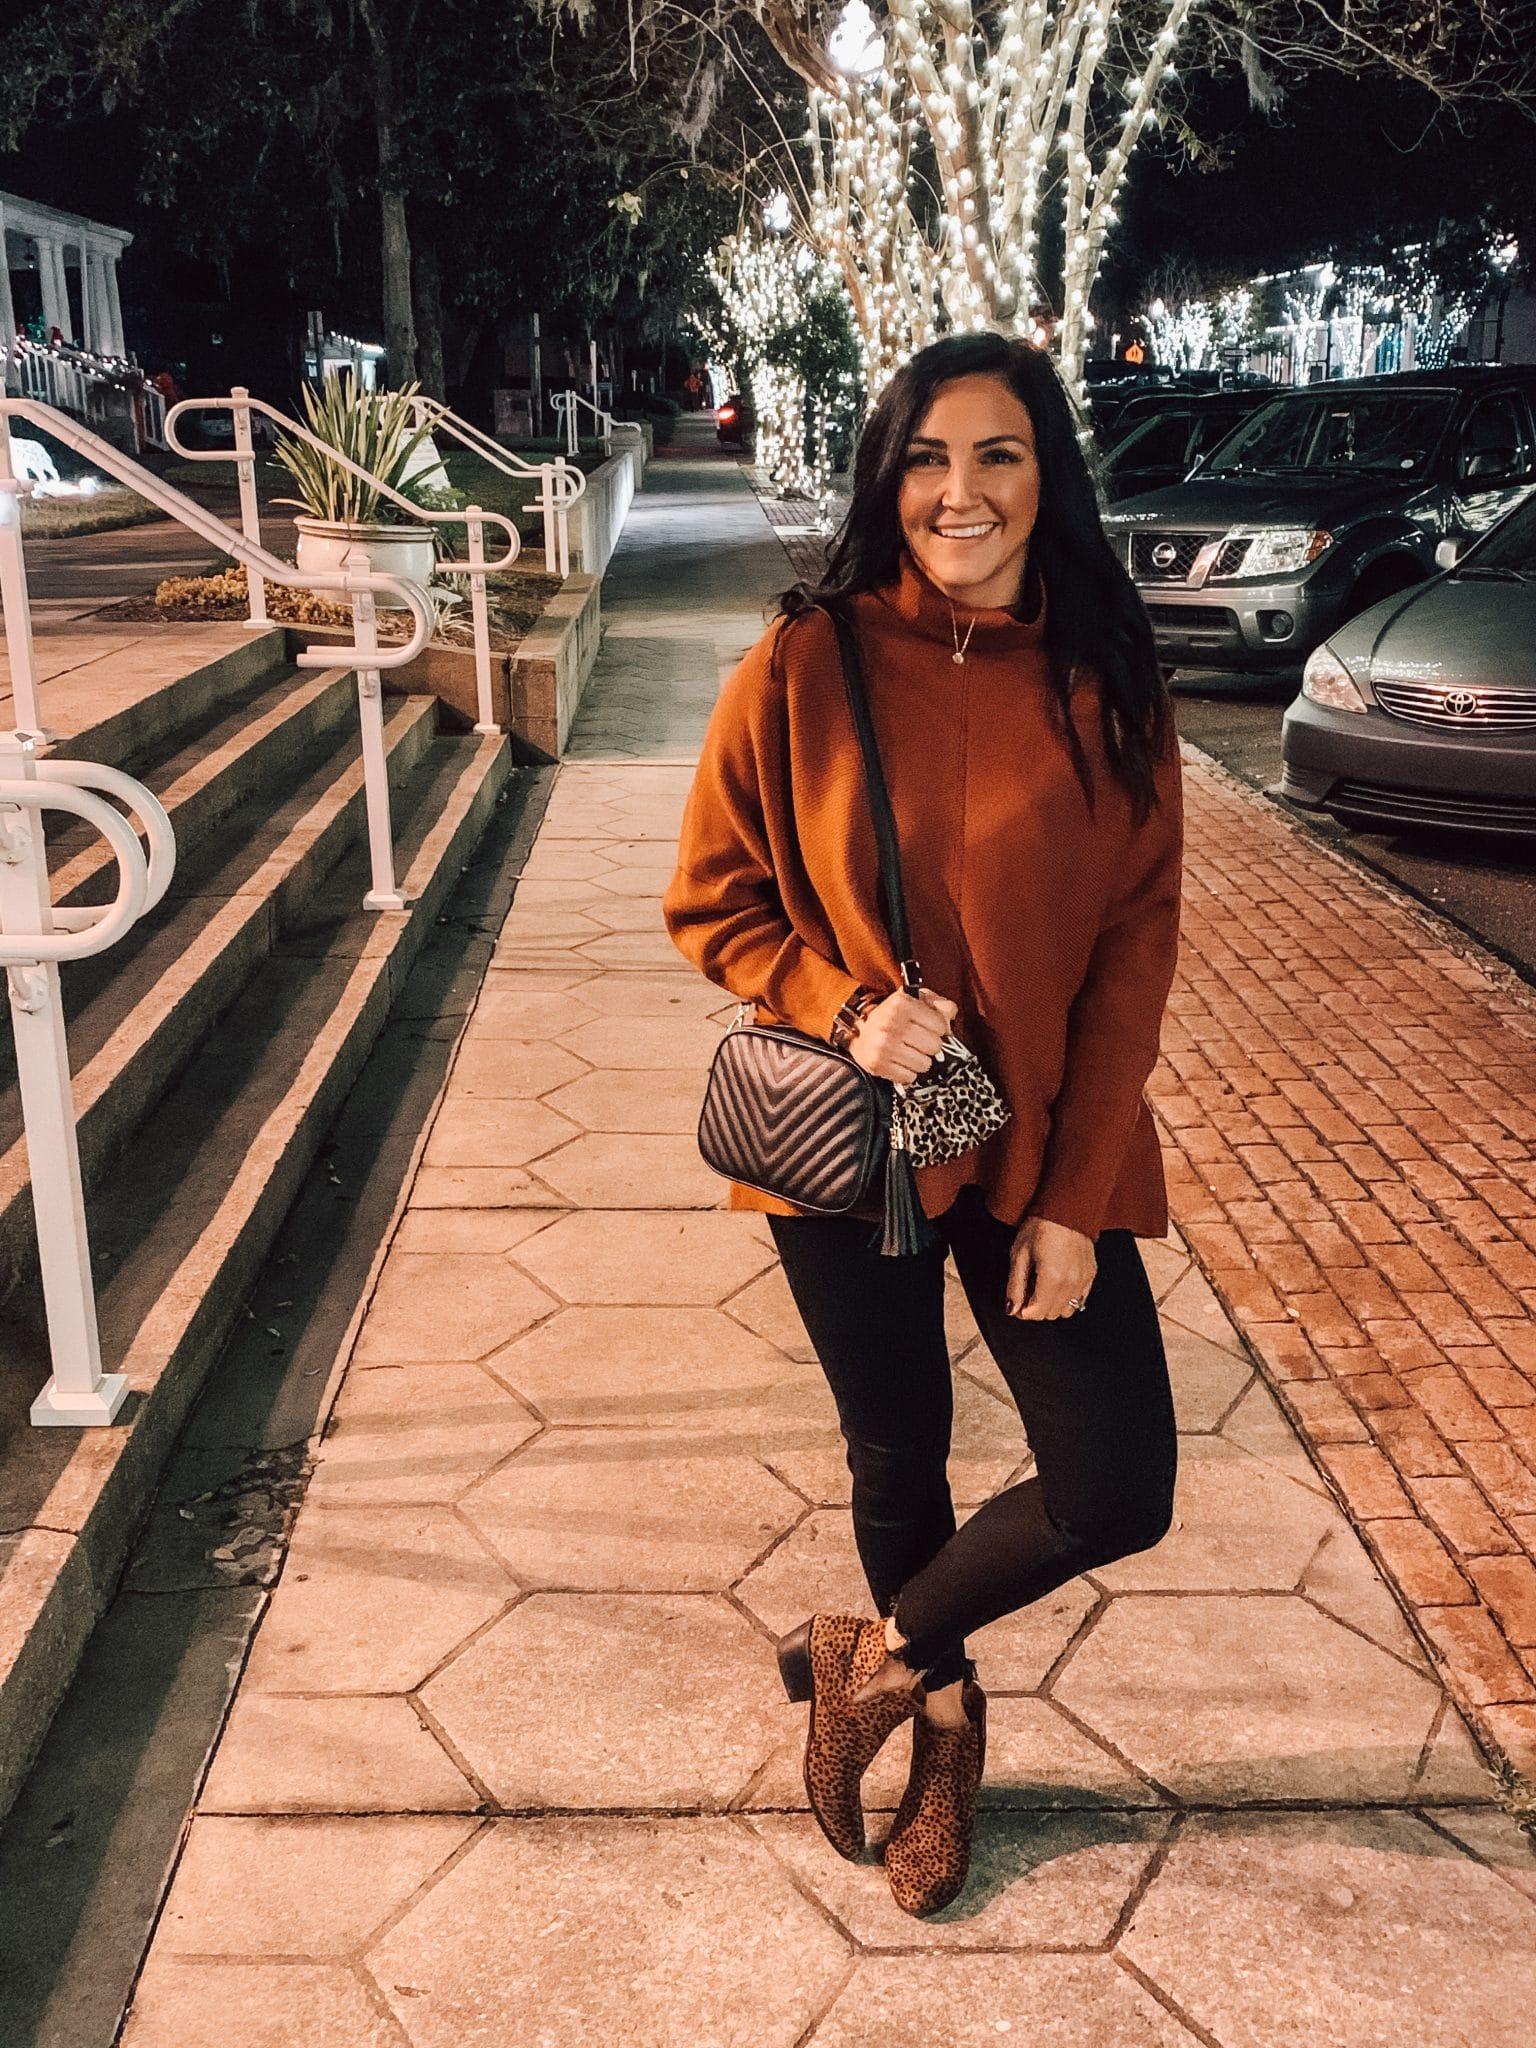 Amazon Sweater, Best Amazon winter fashion, #Founditonamazon, Stilettos and Diapers